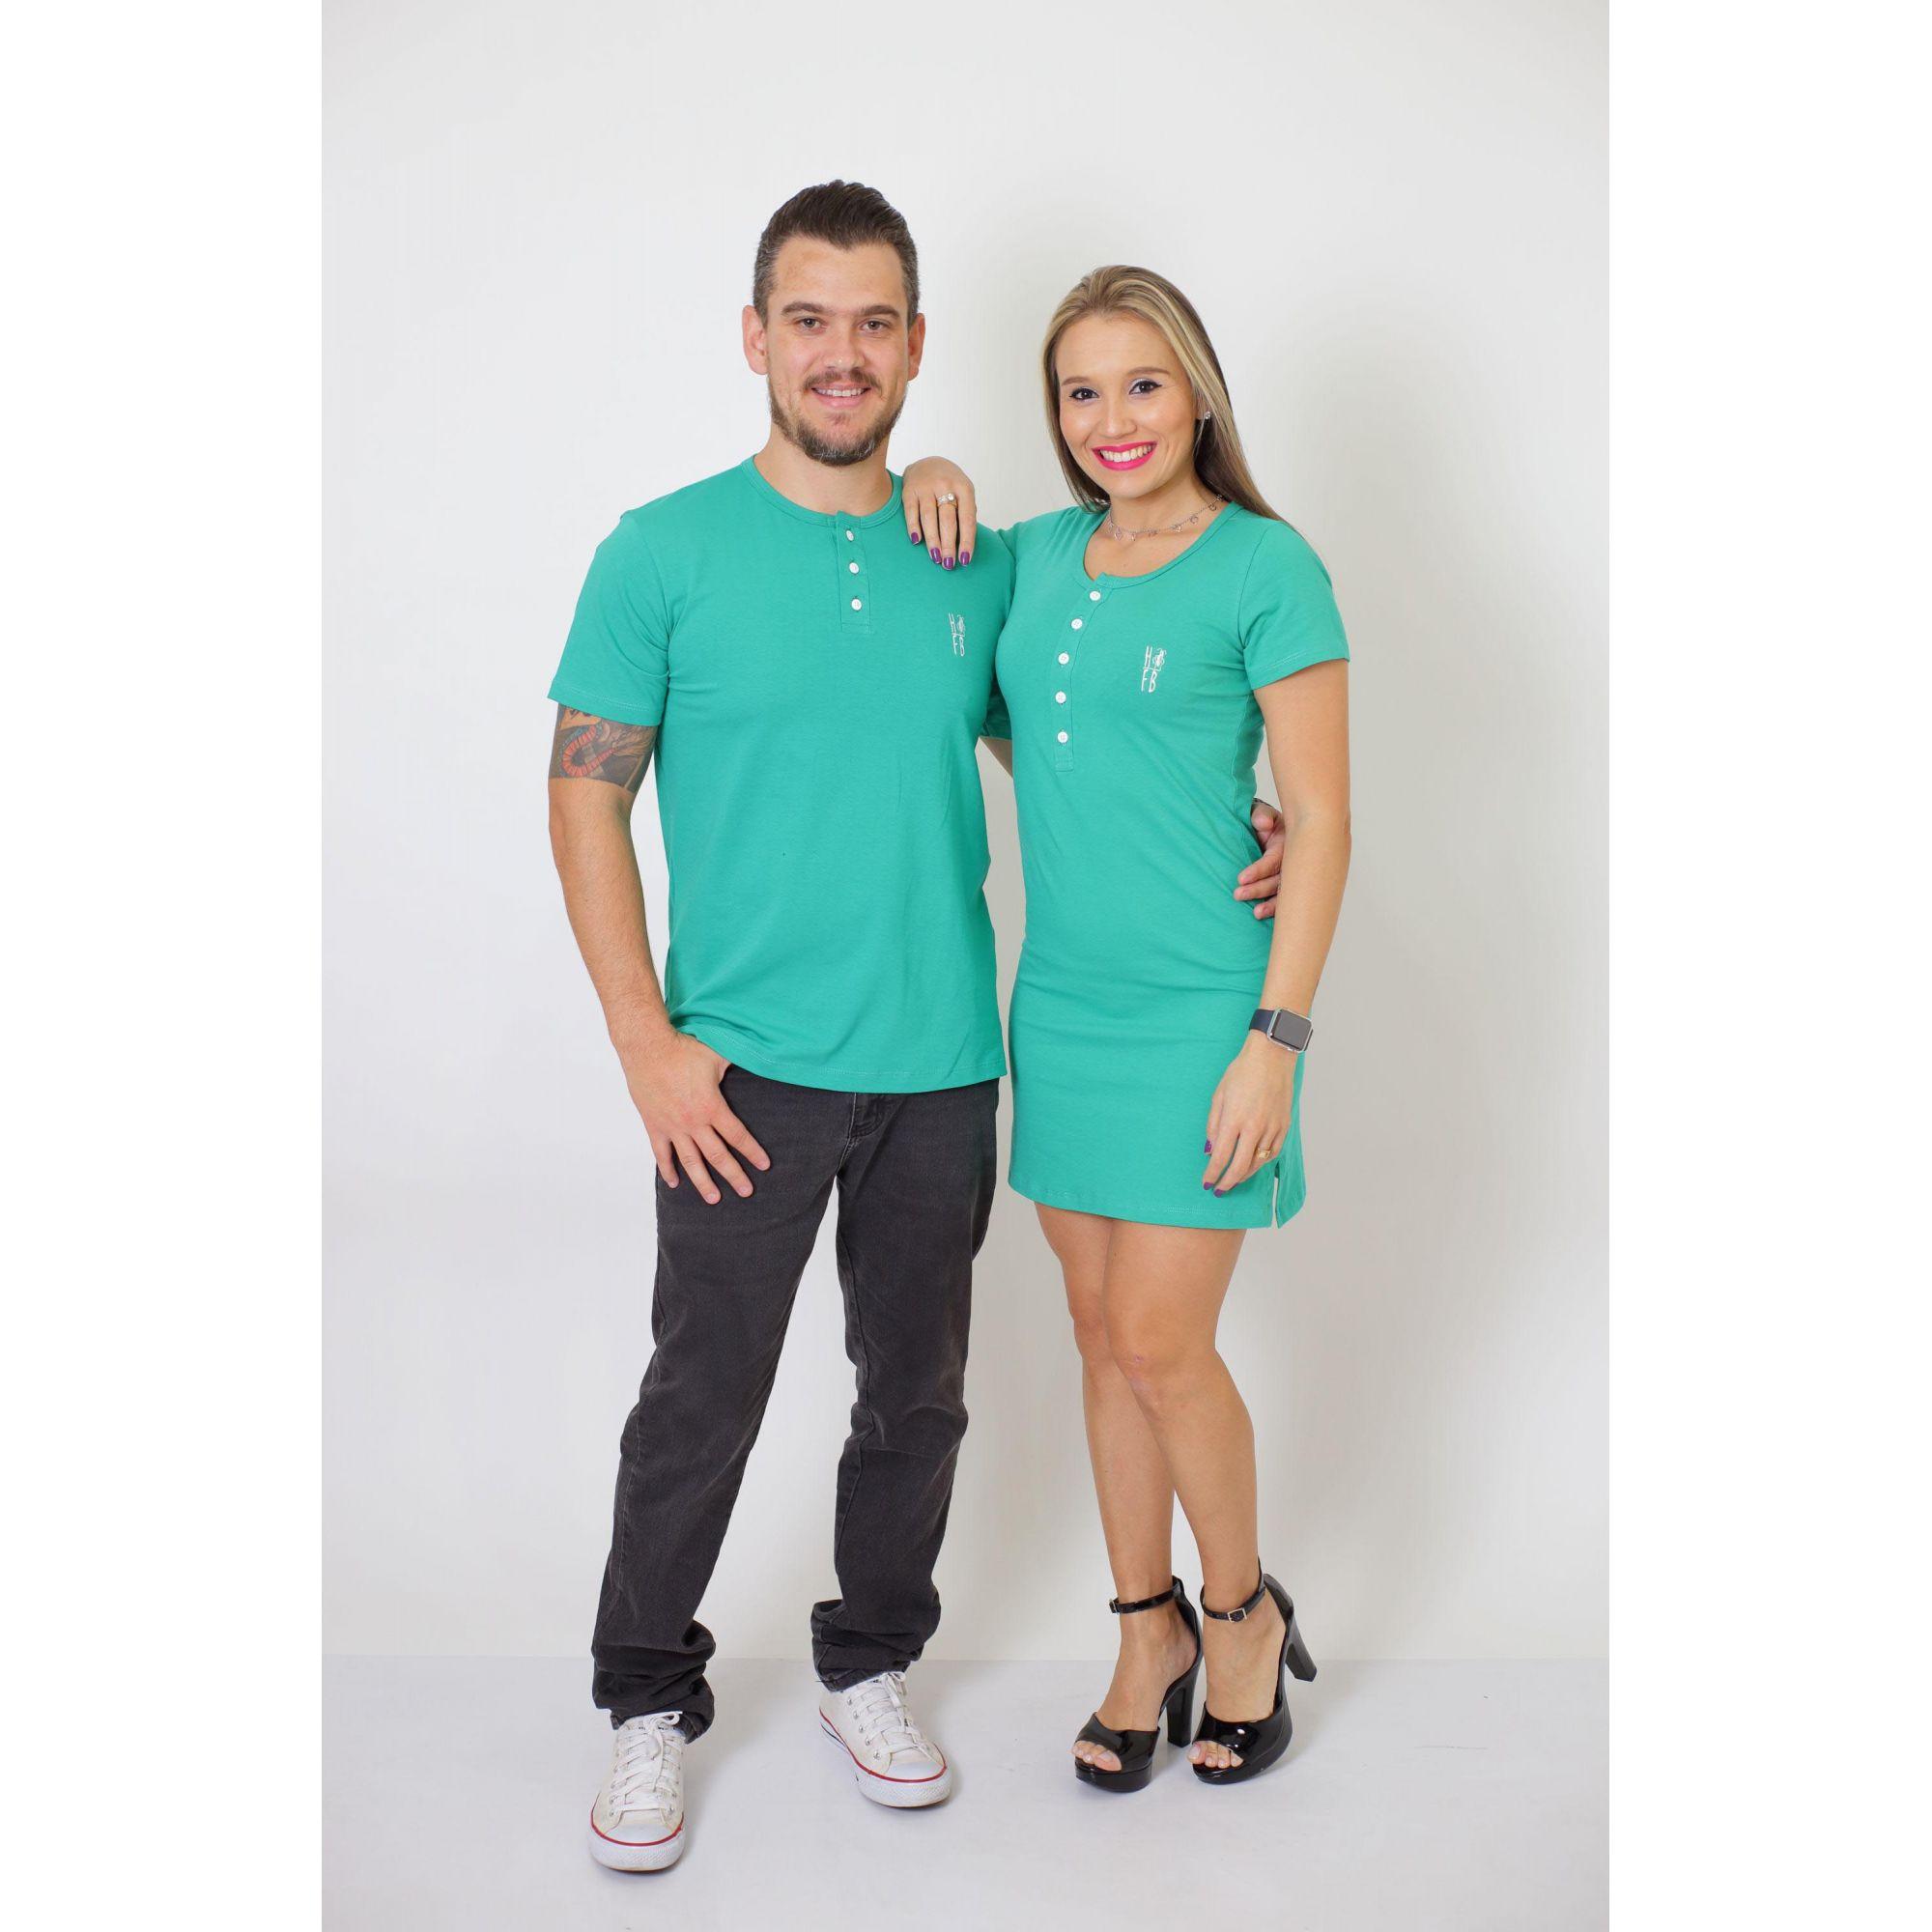 NAMORADOS > Kit 02 Peças - T-Shirt + Vestido - Henley - Verde Jade [Coleção Namorados]  - Heitor Fashion Brazil